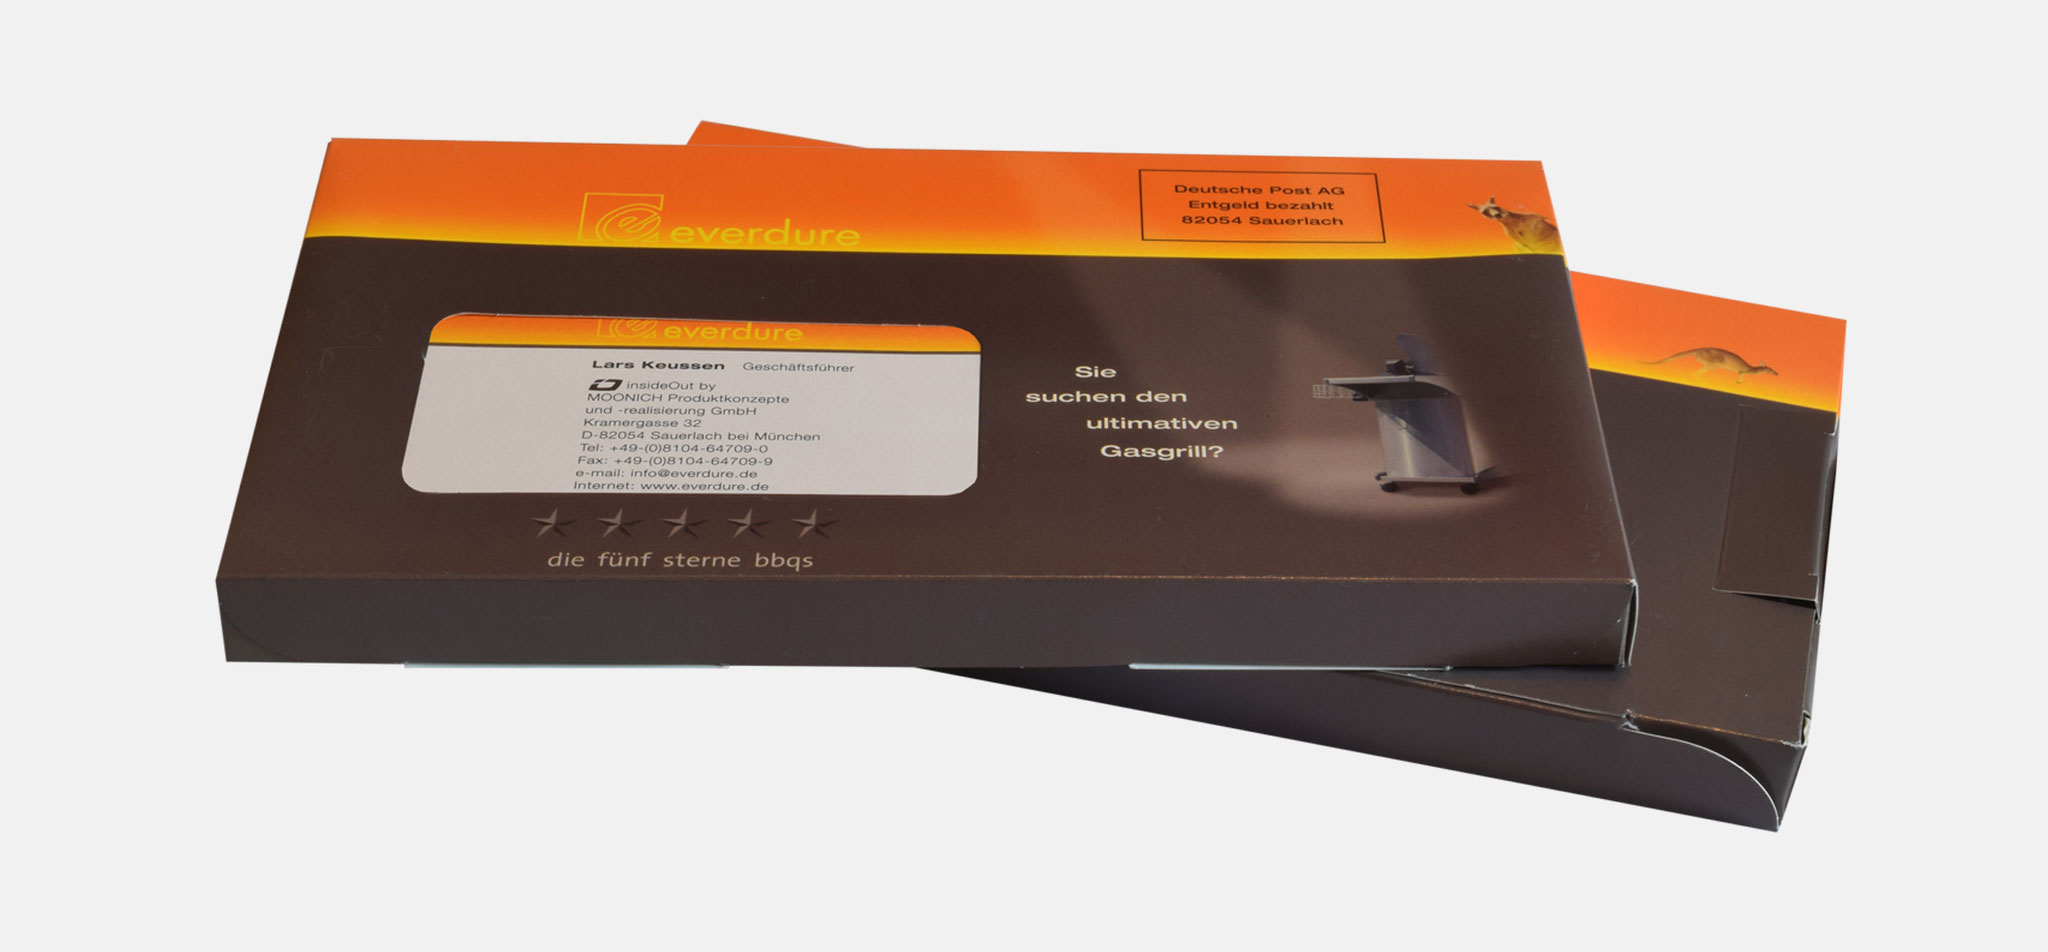 MOONICH | corporate design für die marke everdure, australia – infragrau, gute gestaltung